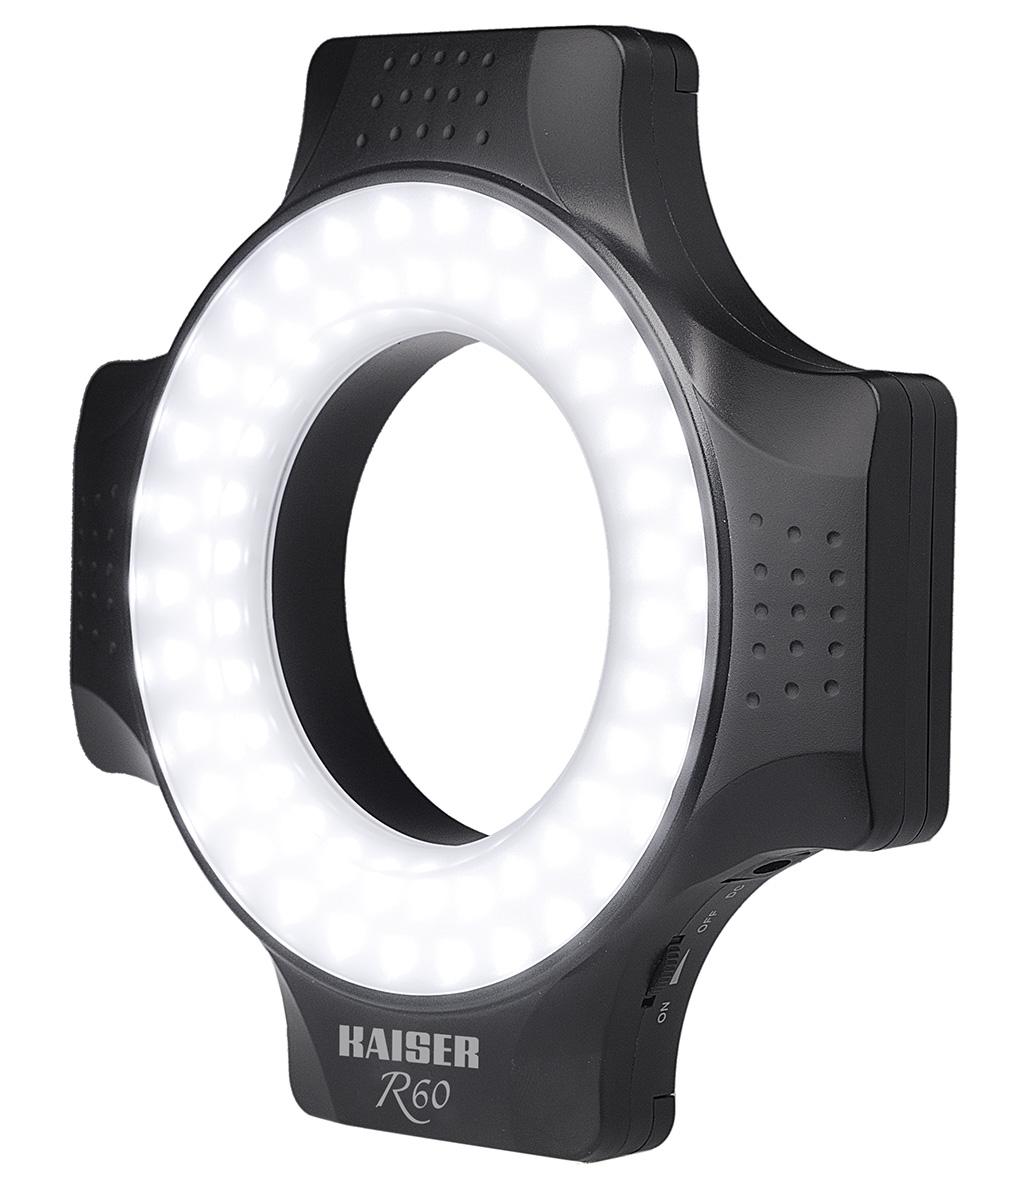 LED-Ringleuchte R60